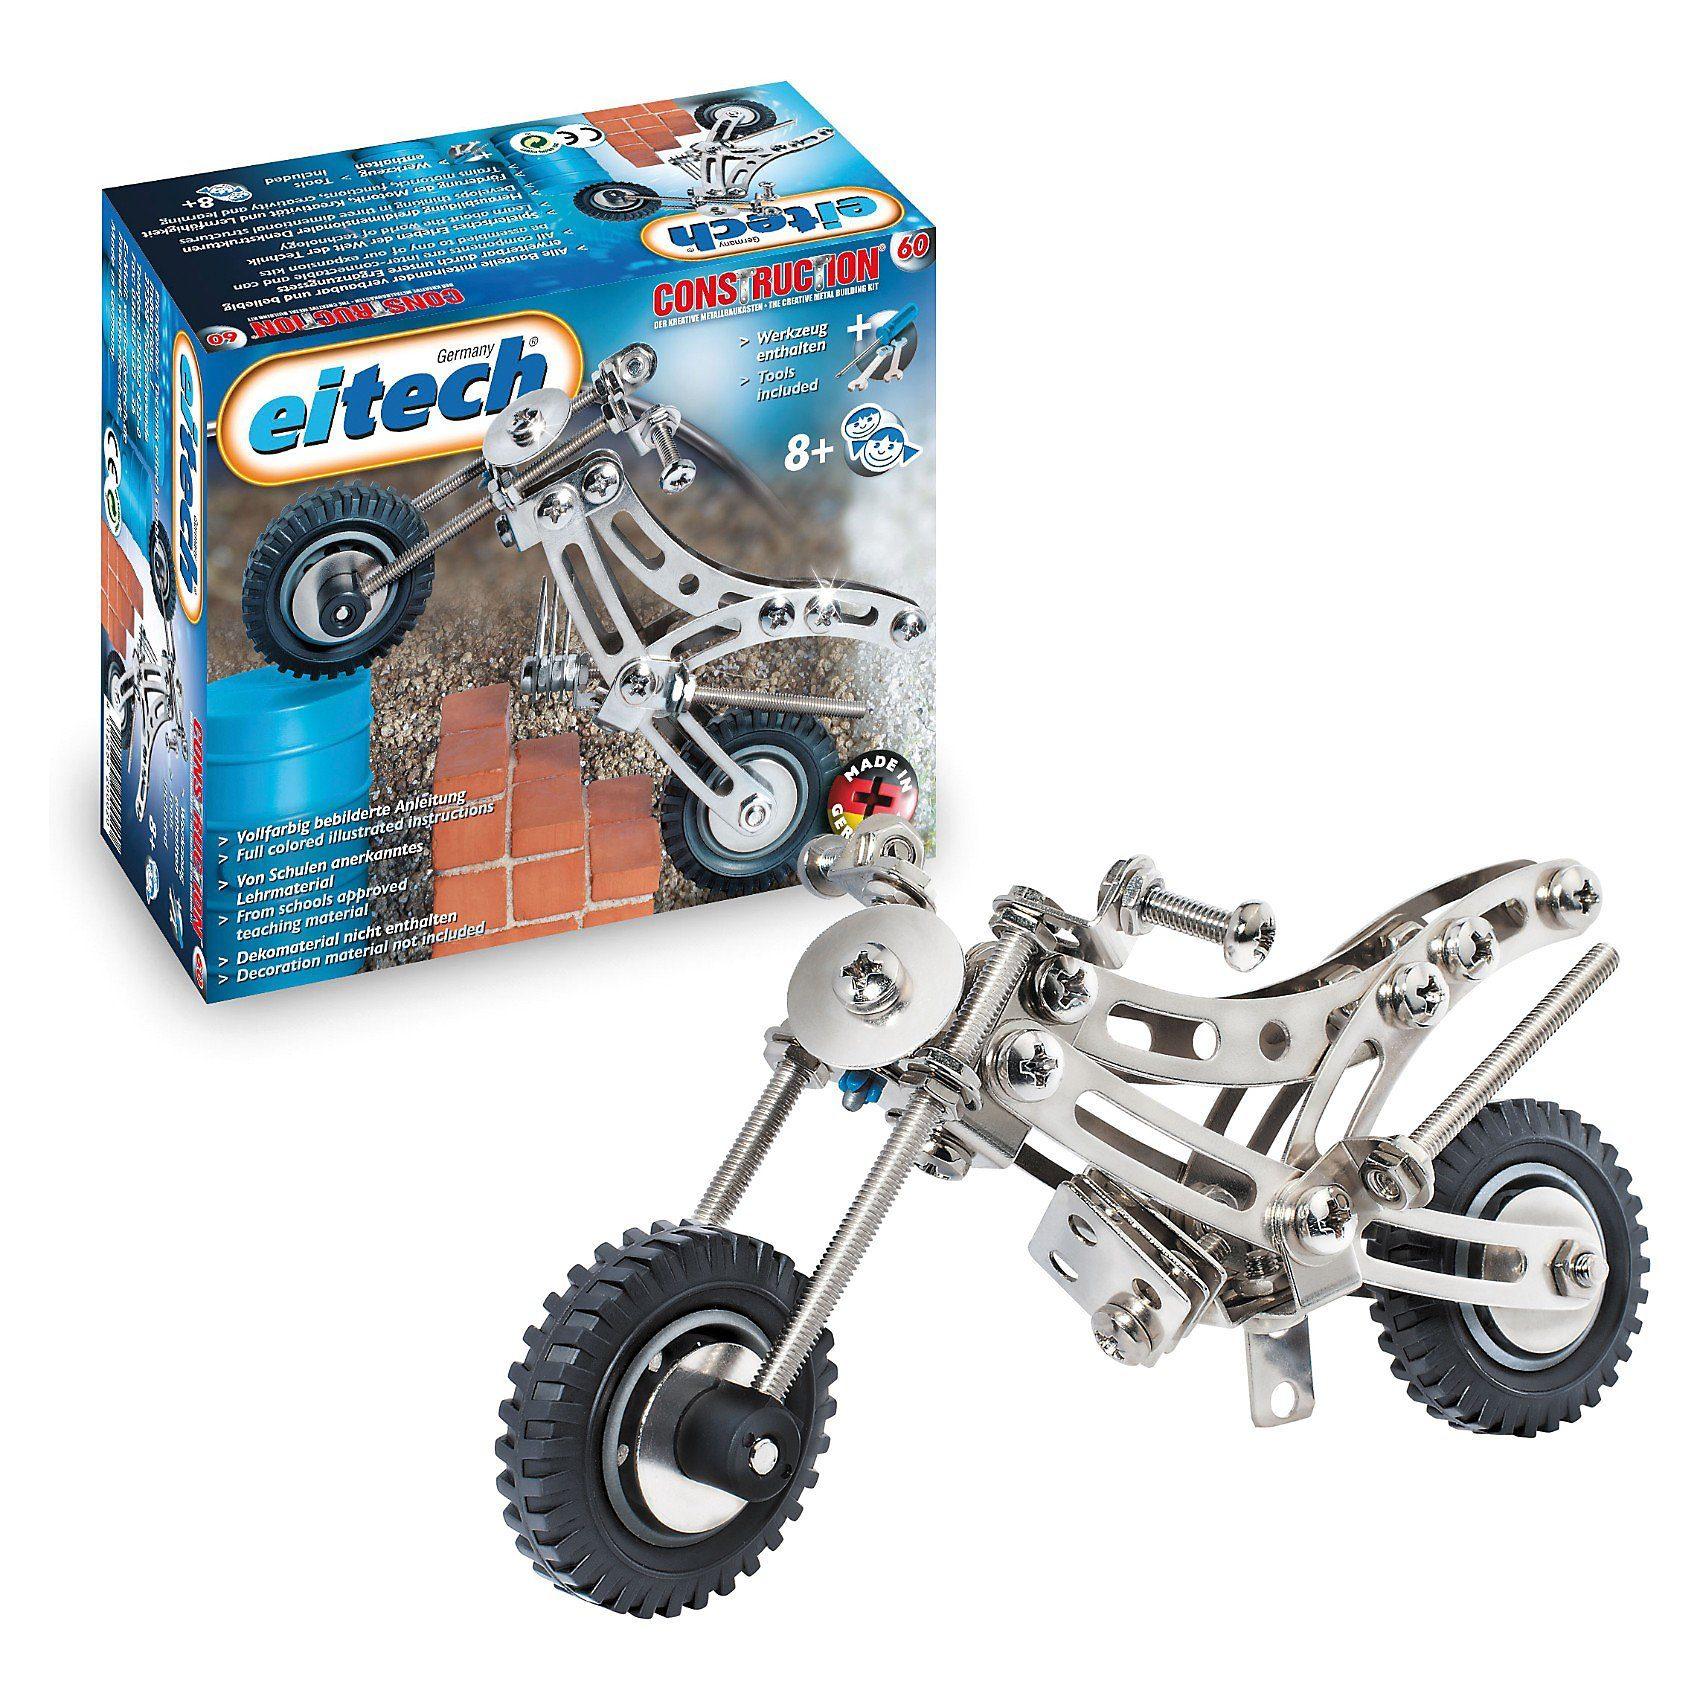 """Eitech C60 EINSTEIGER Metallbaukasten - """"Trial Bike"""""""